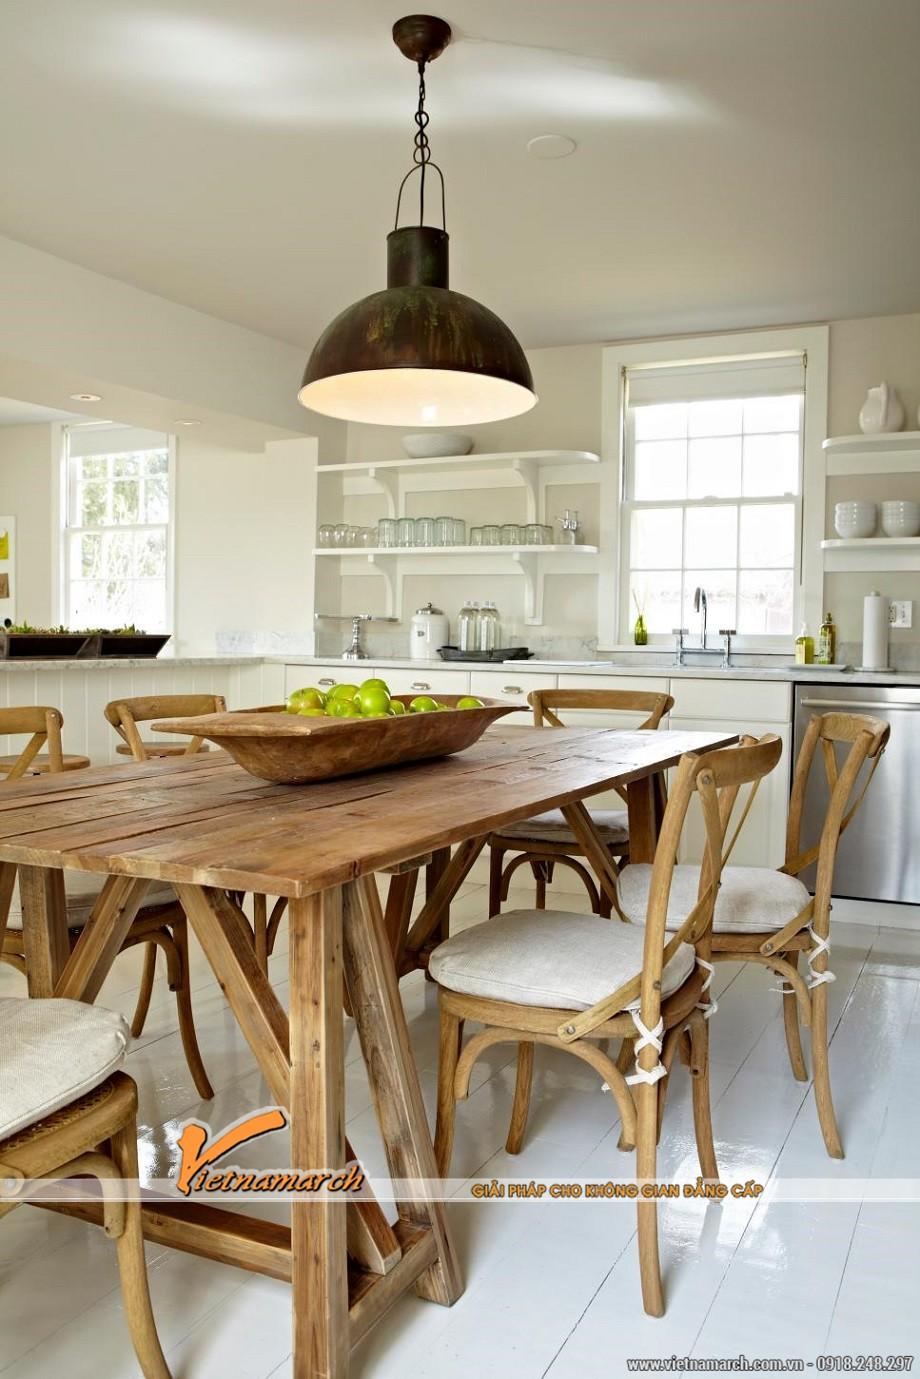 Nội thất nhà bếp hoàn hảo theo phong cách đồng quê giản dị